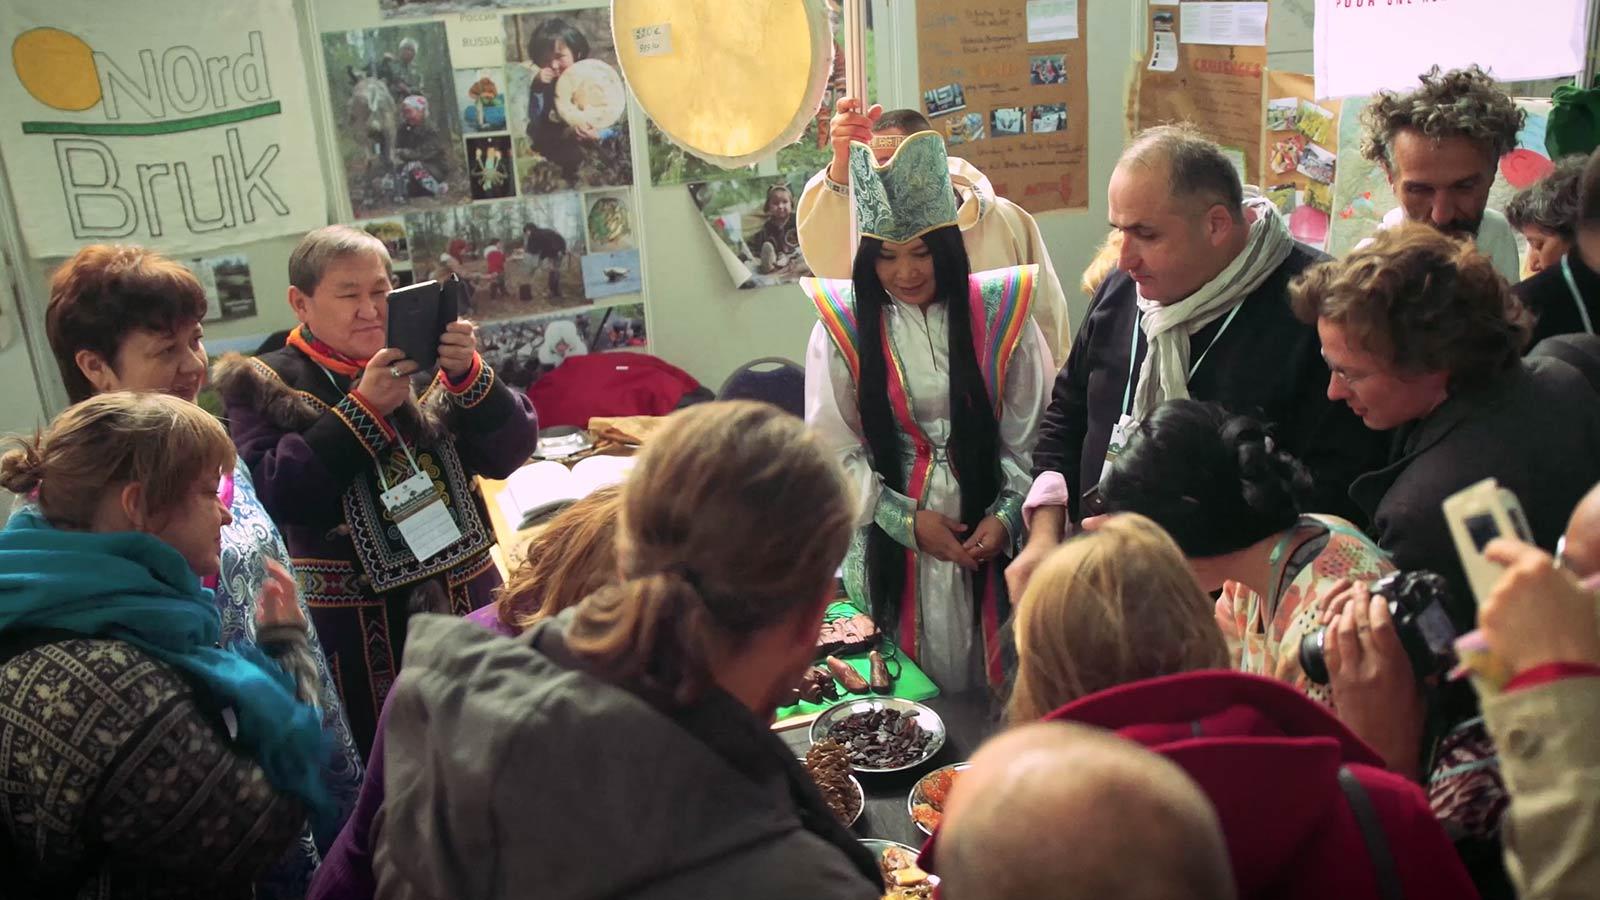 Marktkraampjes met culturele producten uit de streek